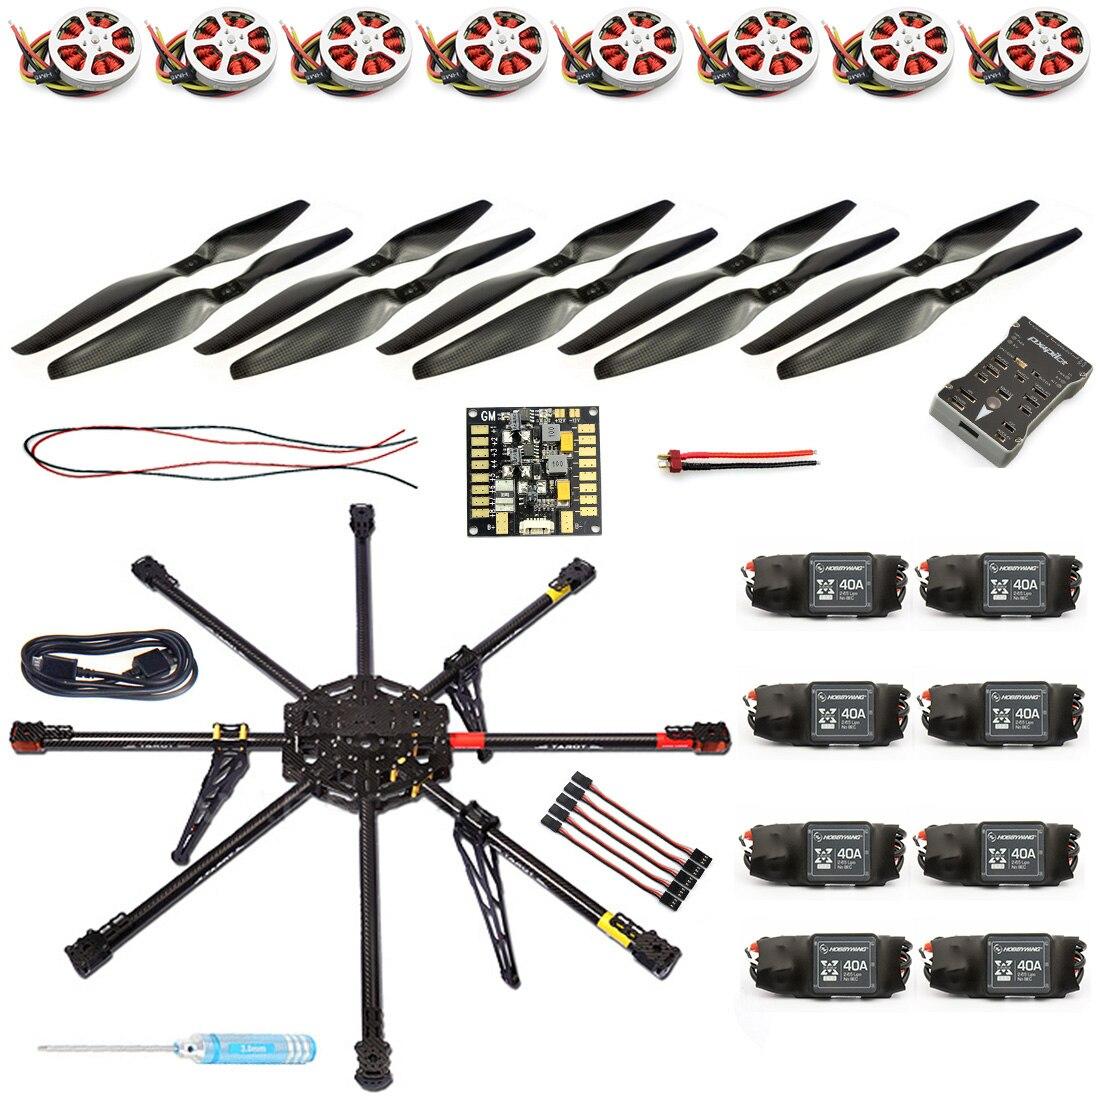 Bricolage 8 essieux 1000mm Fiber de carbone Octocopter PX4 PIX contrôleur de vol M8N GPS PNF Kit pas de batterie à distance FPV RC Drone F04765-B